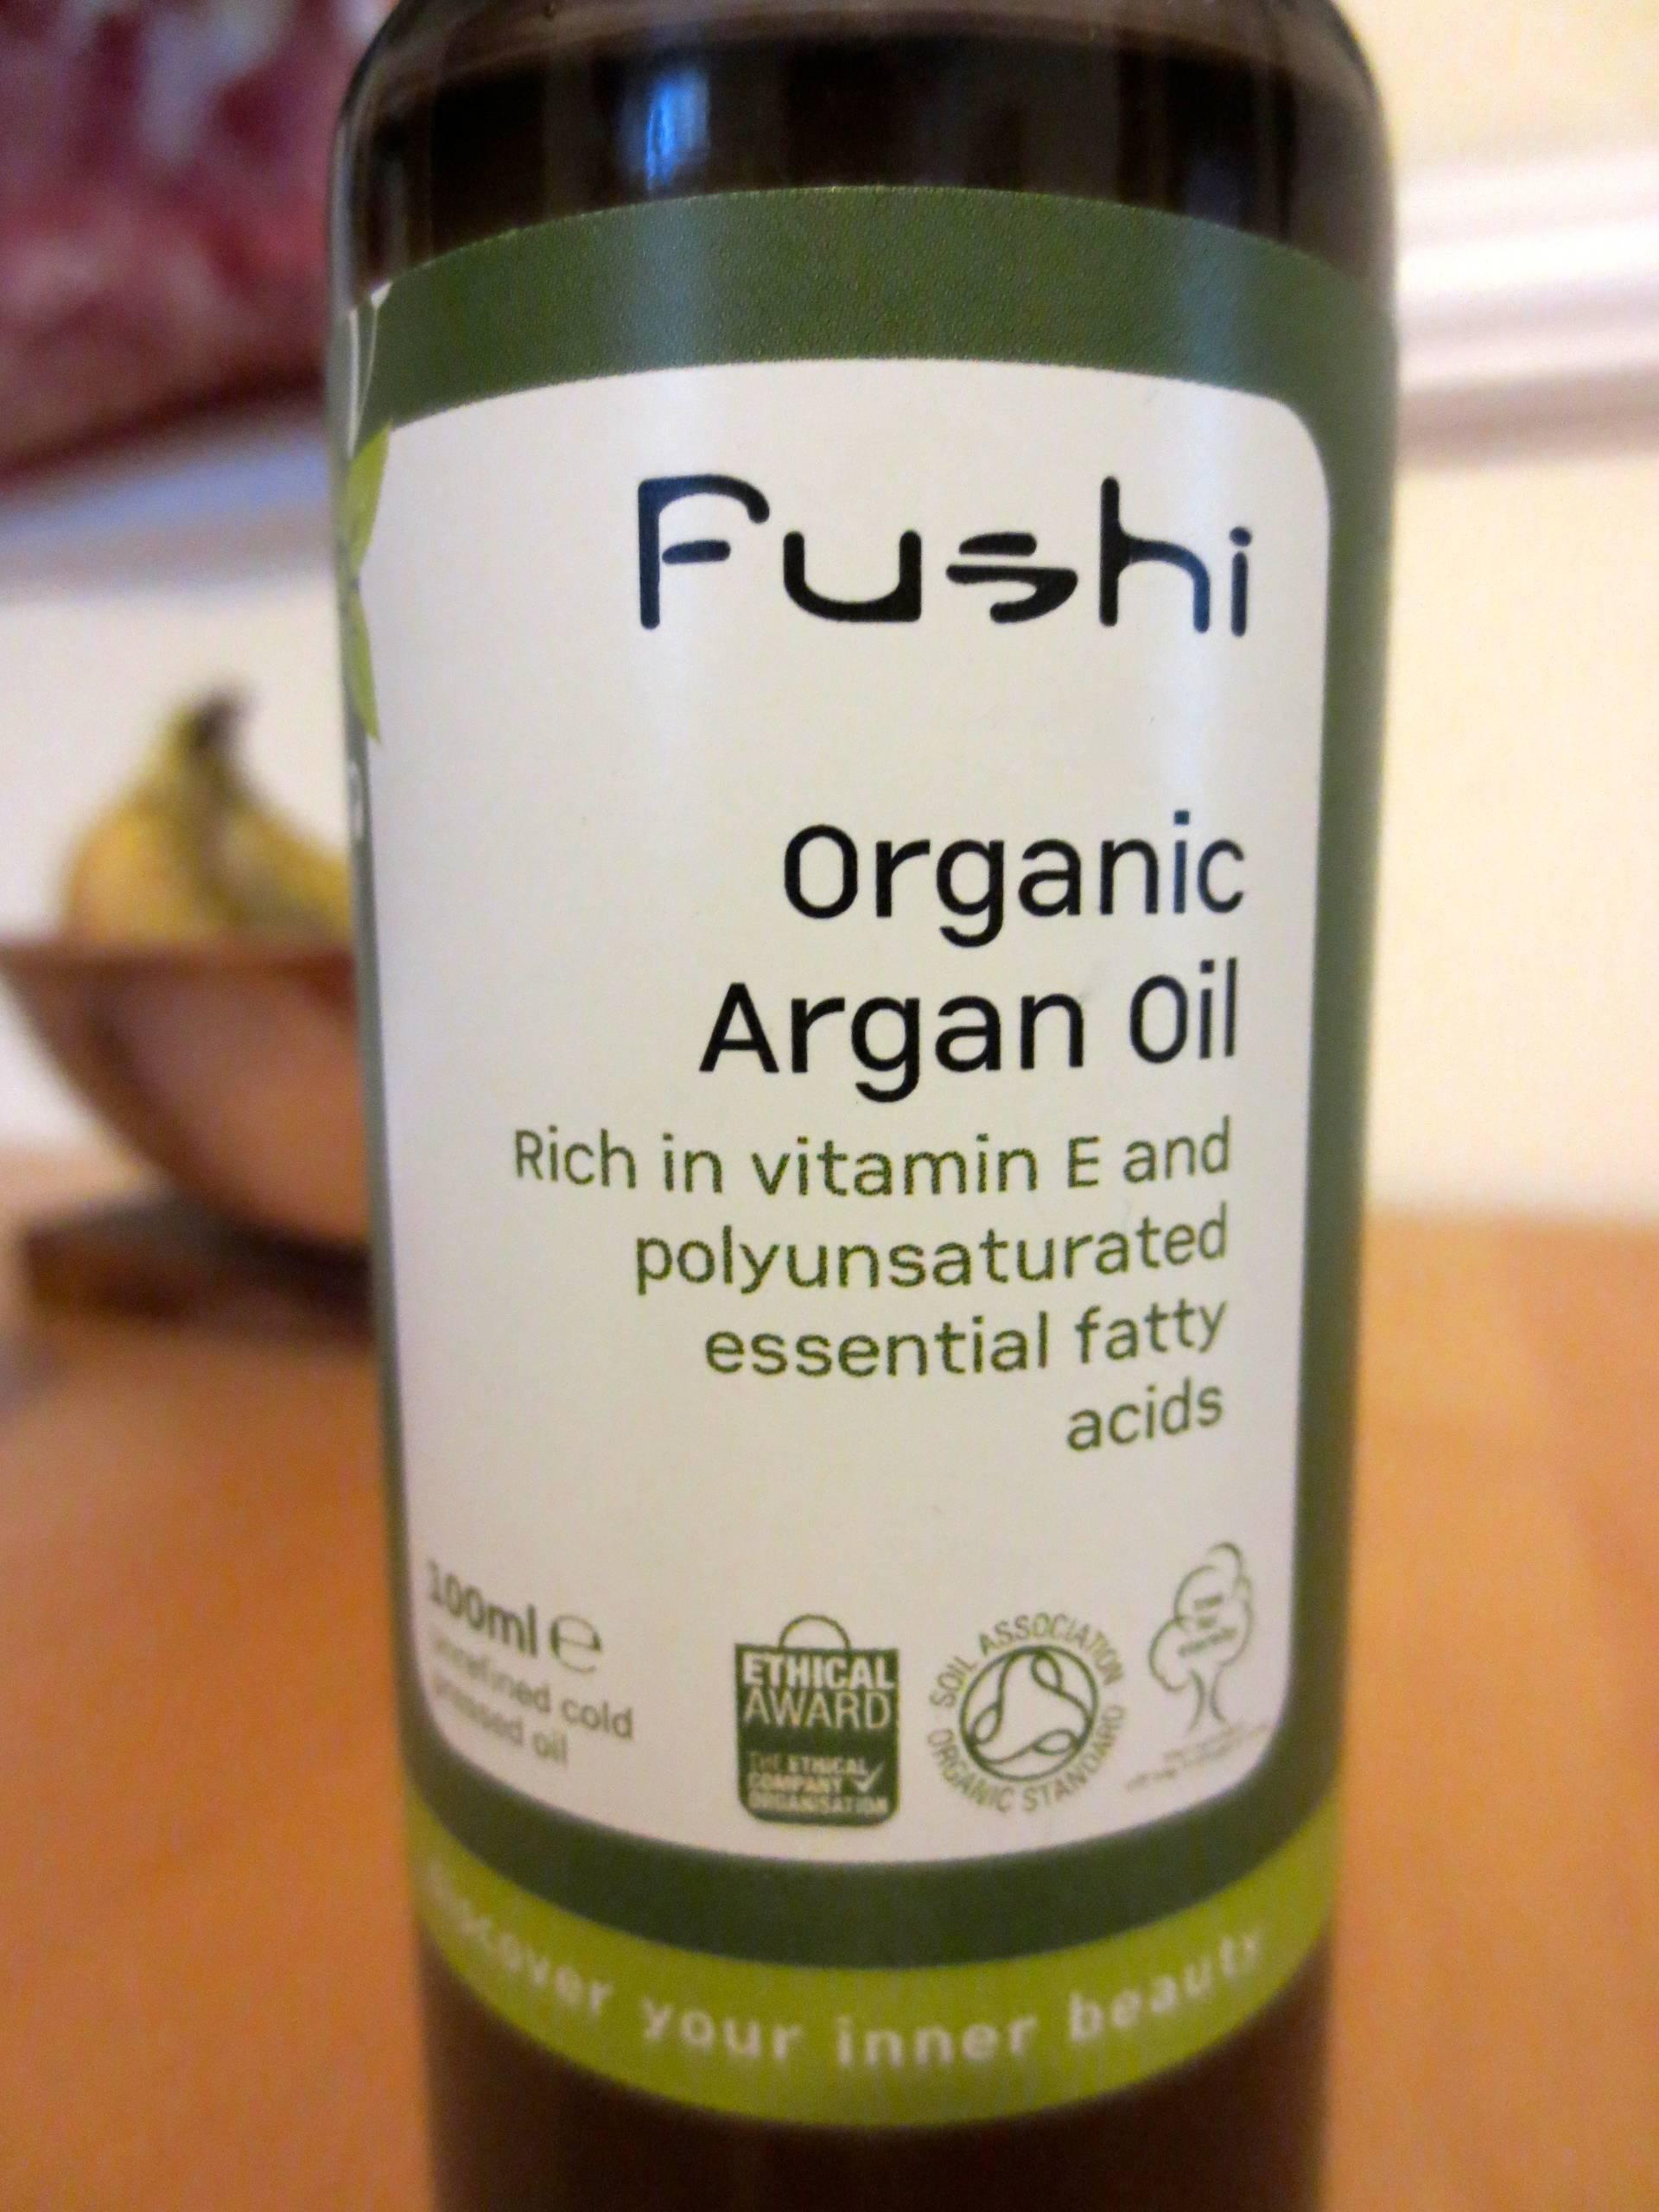 Fushi organic argan oil